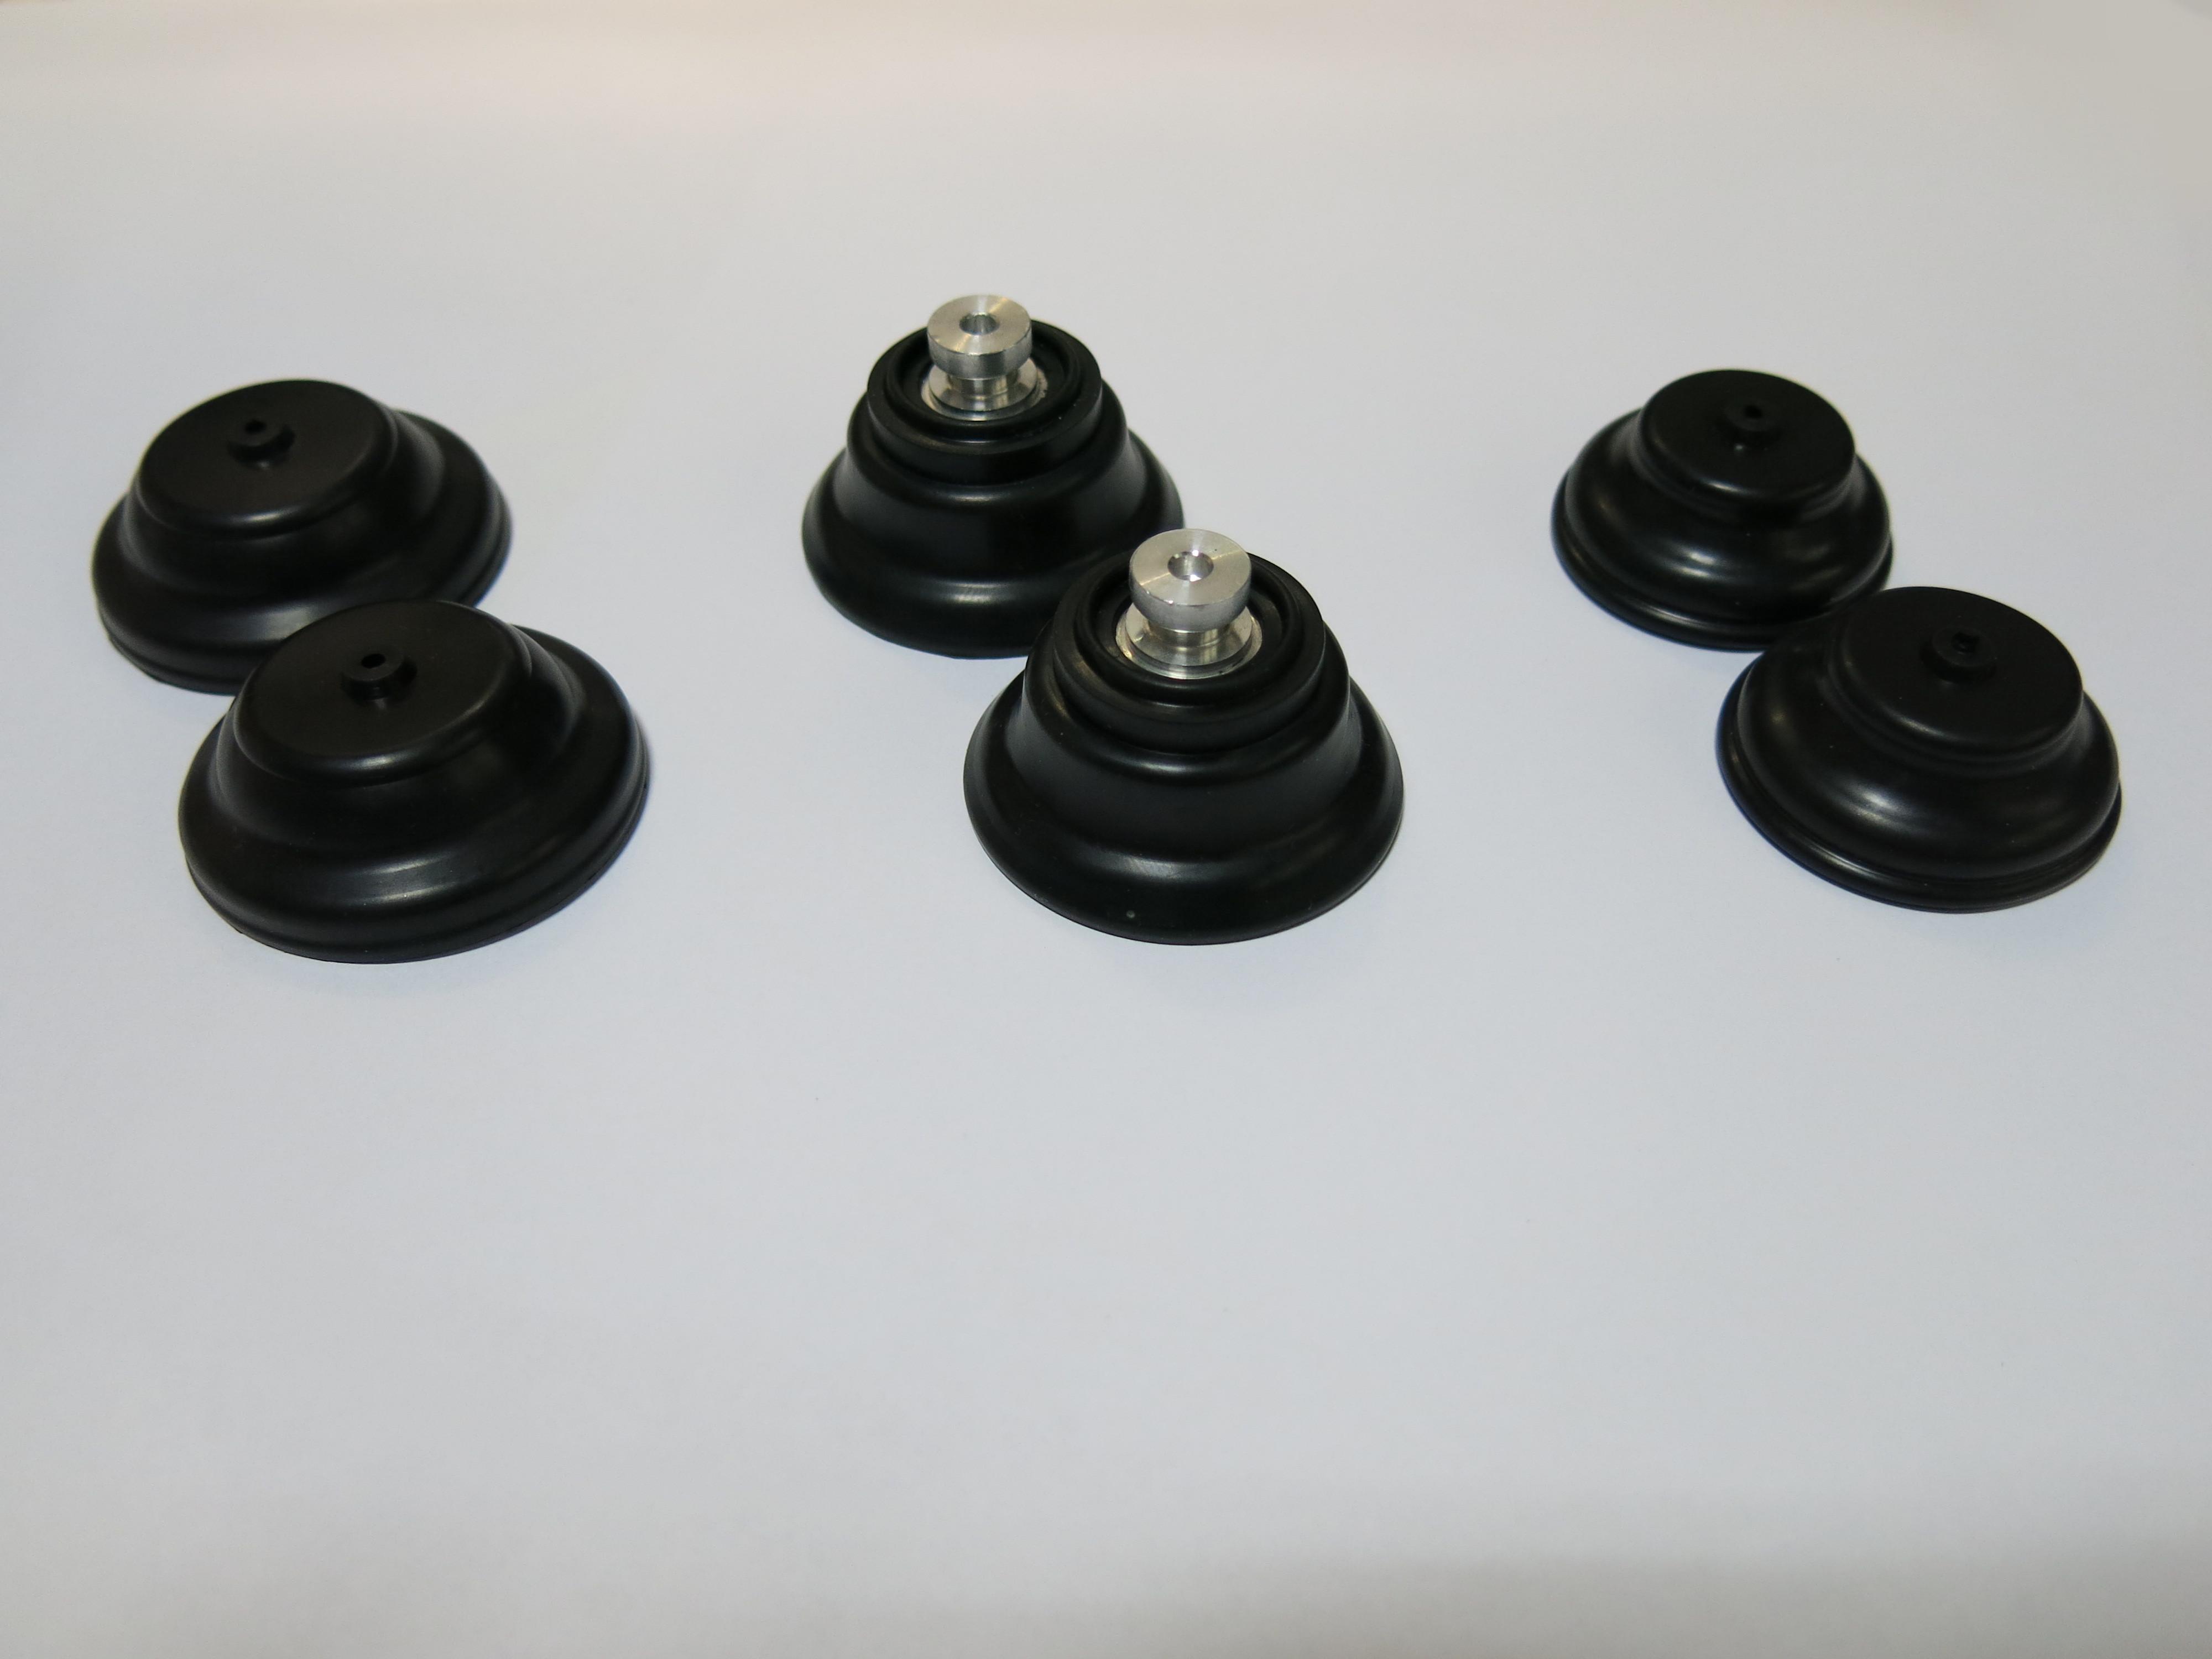 Gummimembranen für Unterdruckdosen der Zentralverriegelung